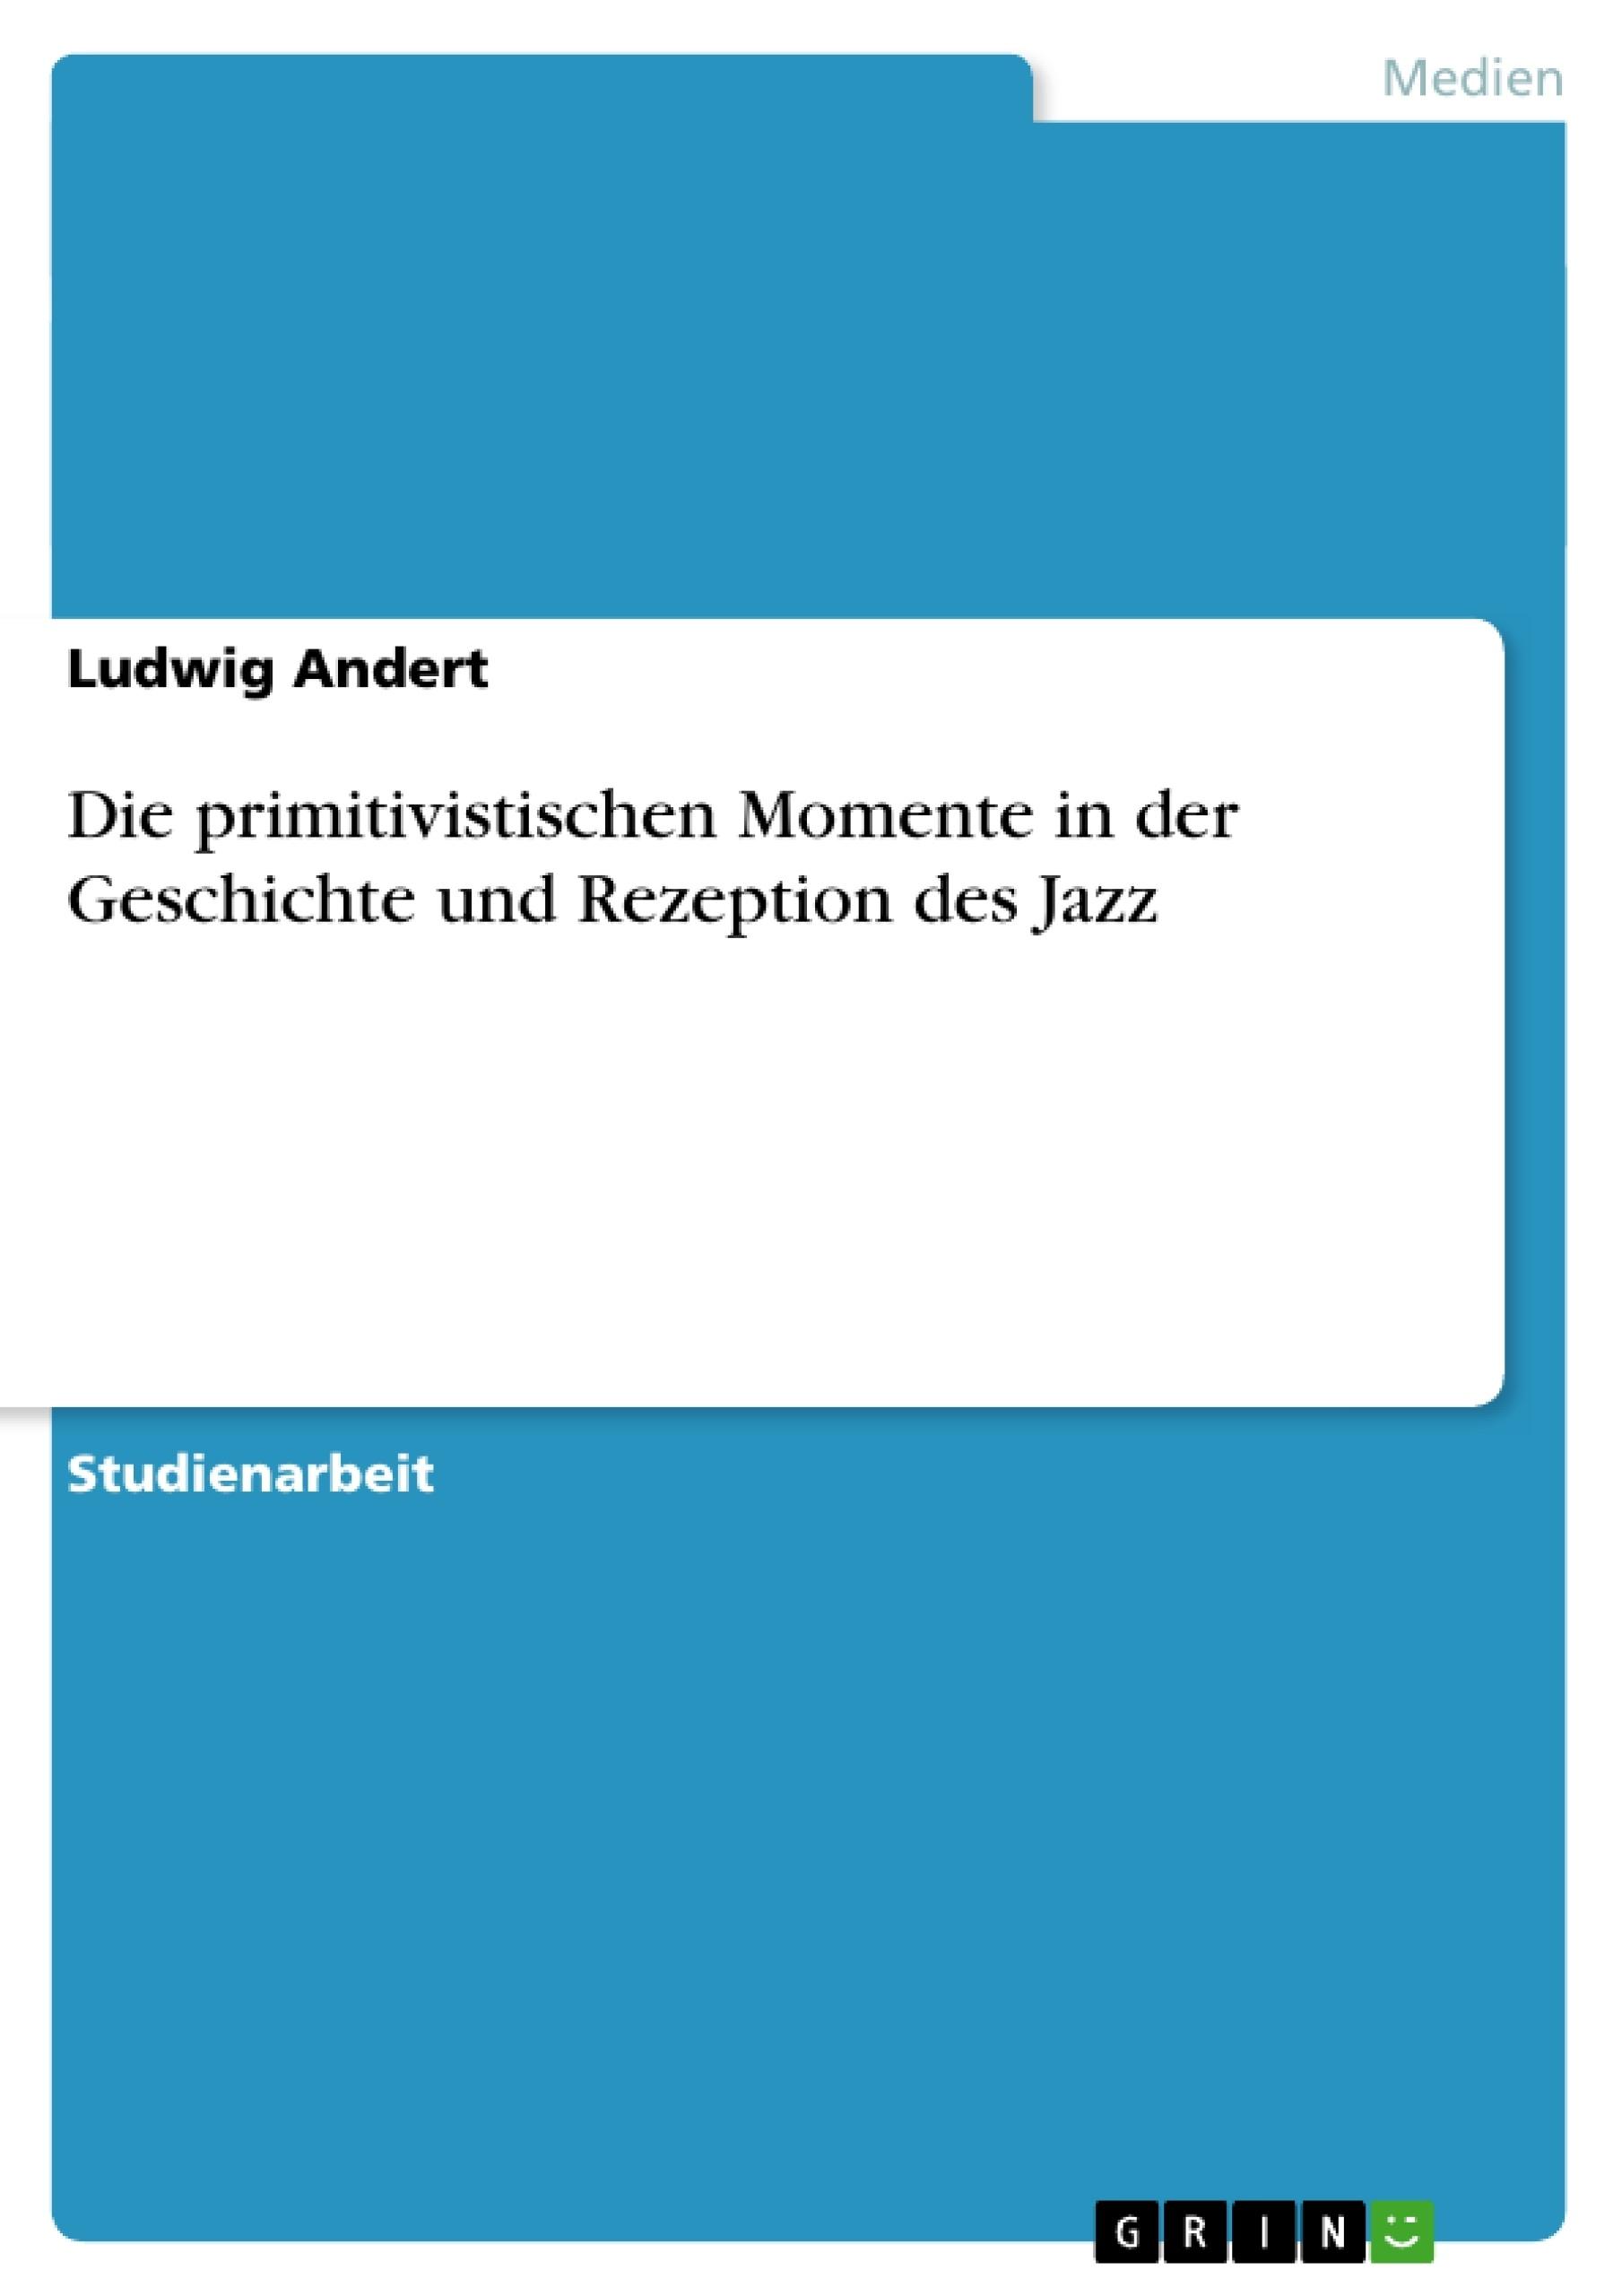 Titel: Die primitivistischen Momente in der Geschichte und Rezeption des Jazz